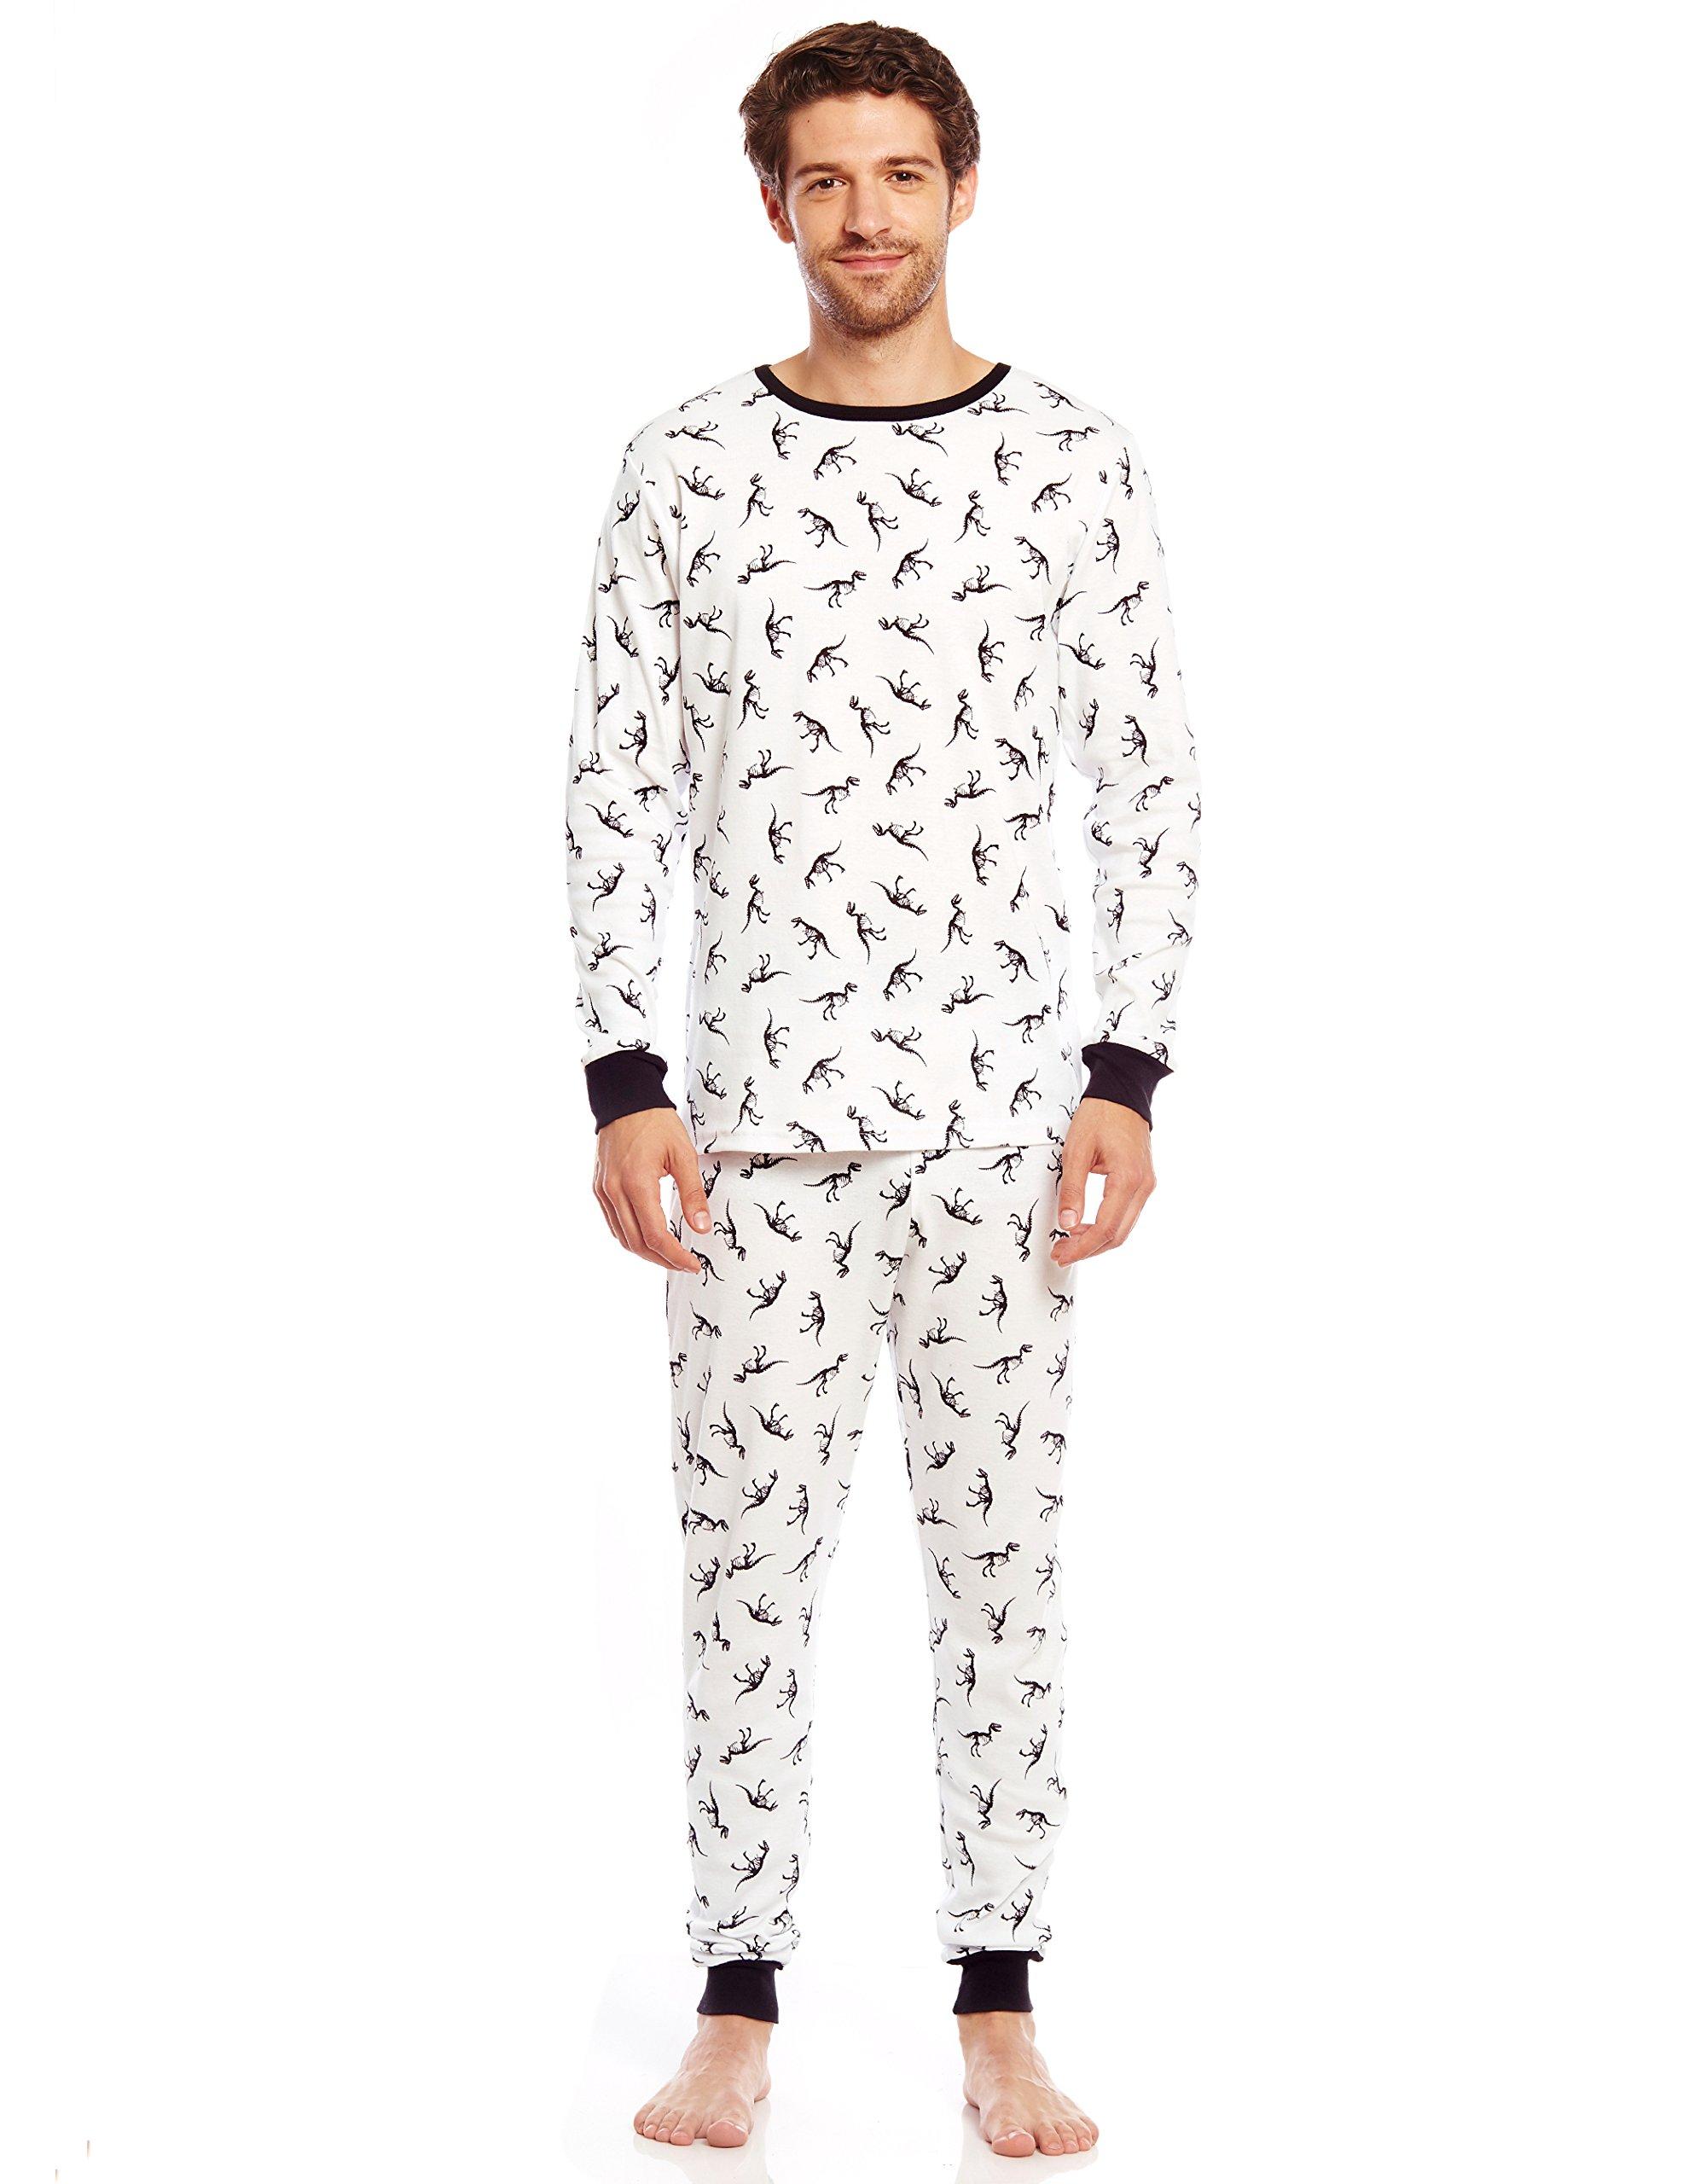 Leveret Men's Dinosaur 2 Piece Pajama Set 100% Cotton (X-Small) by Leveret (Image #1)